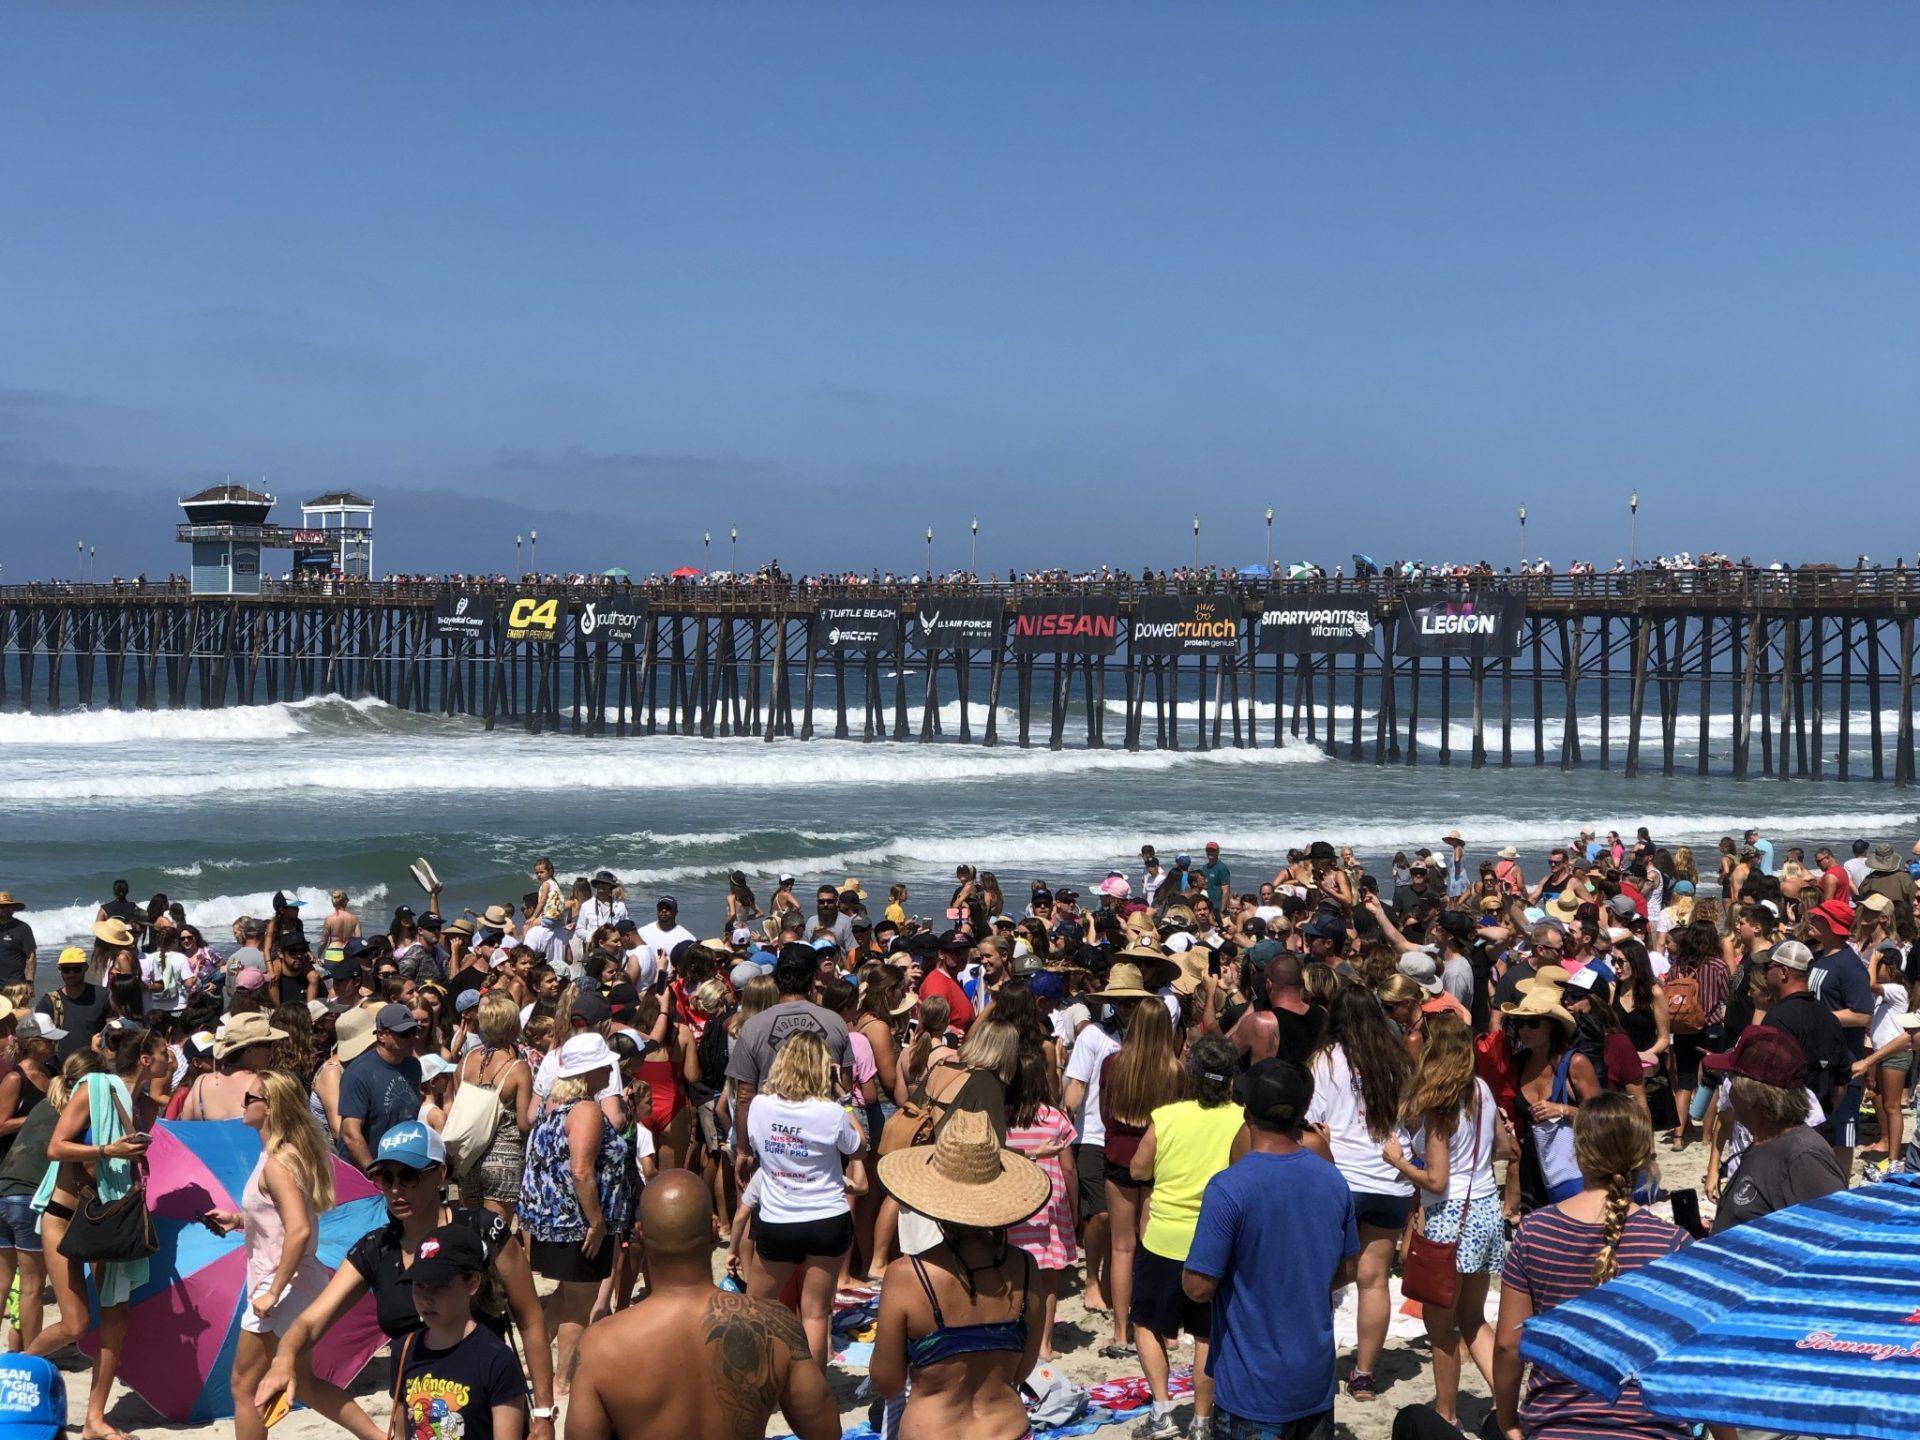 Beach-Crowd-XX.jpg